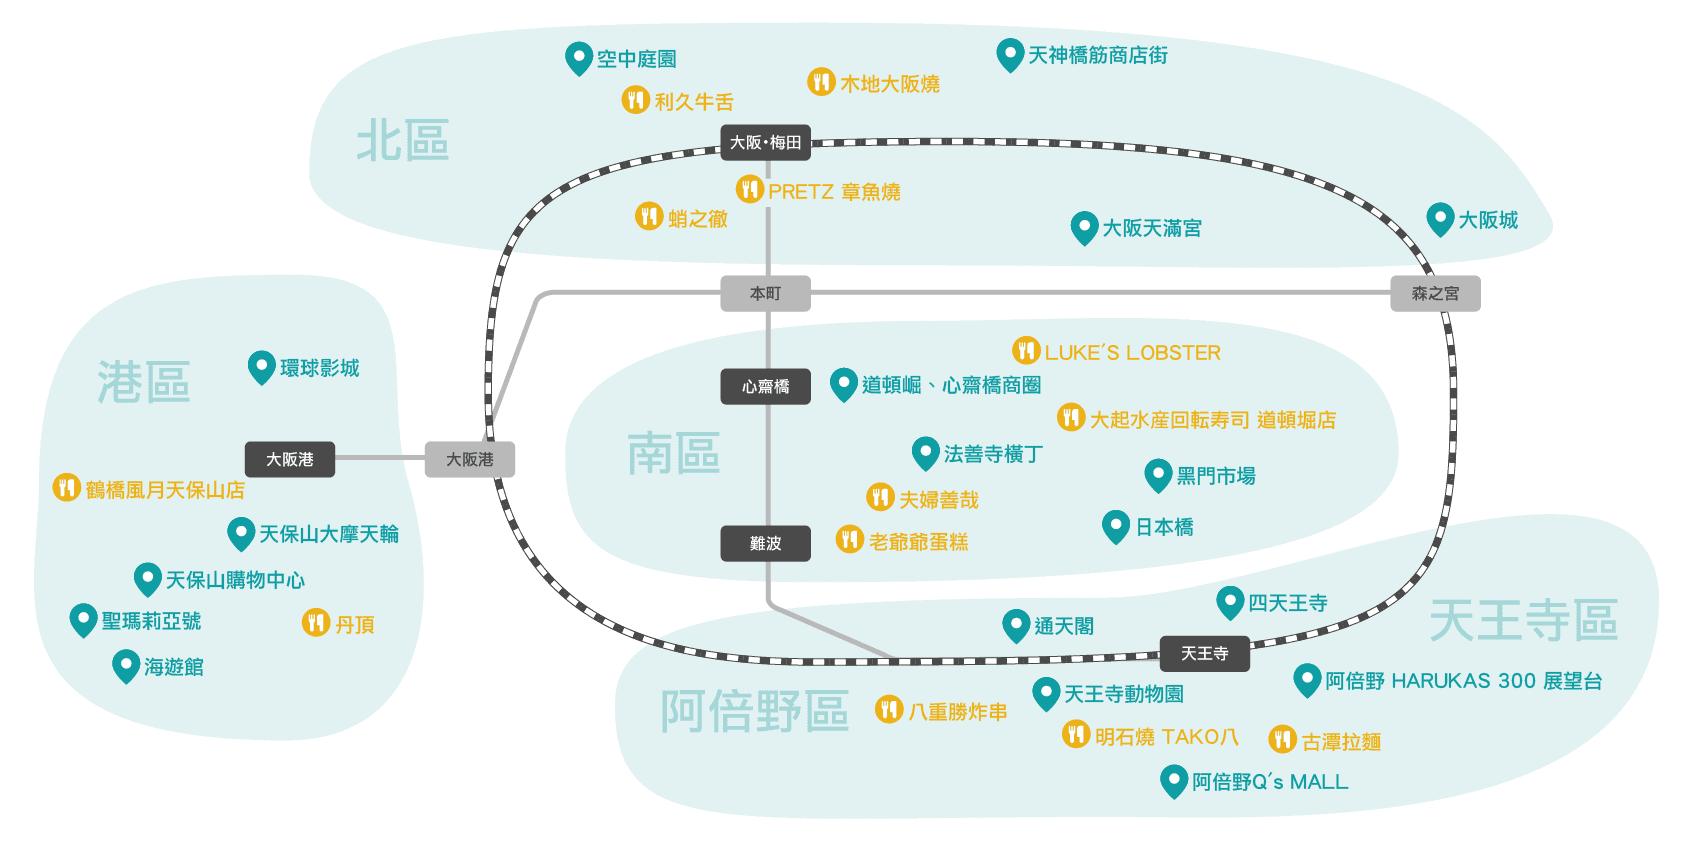 大阪景點-交通-地圖